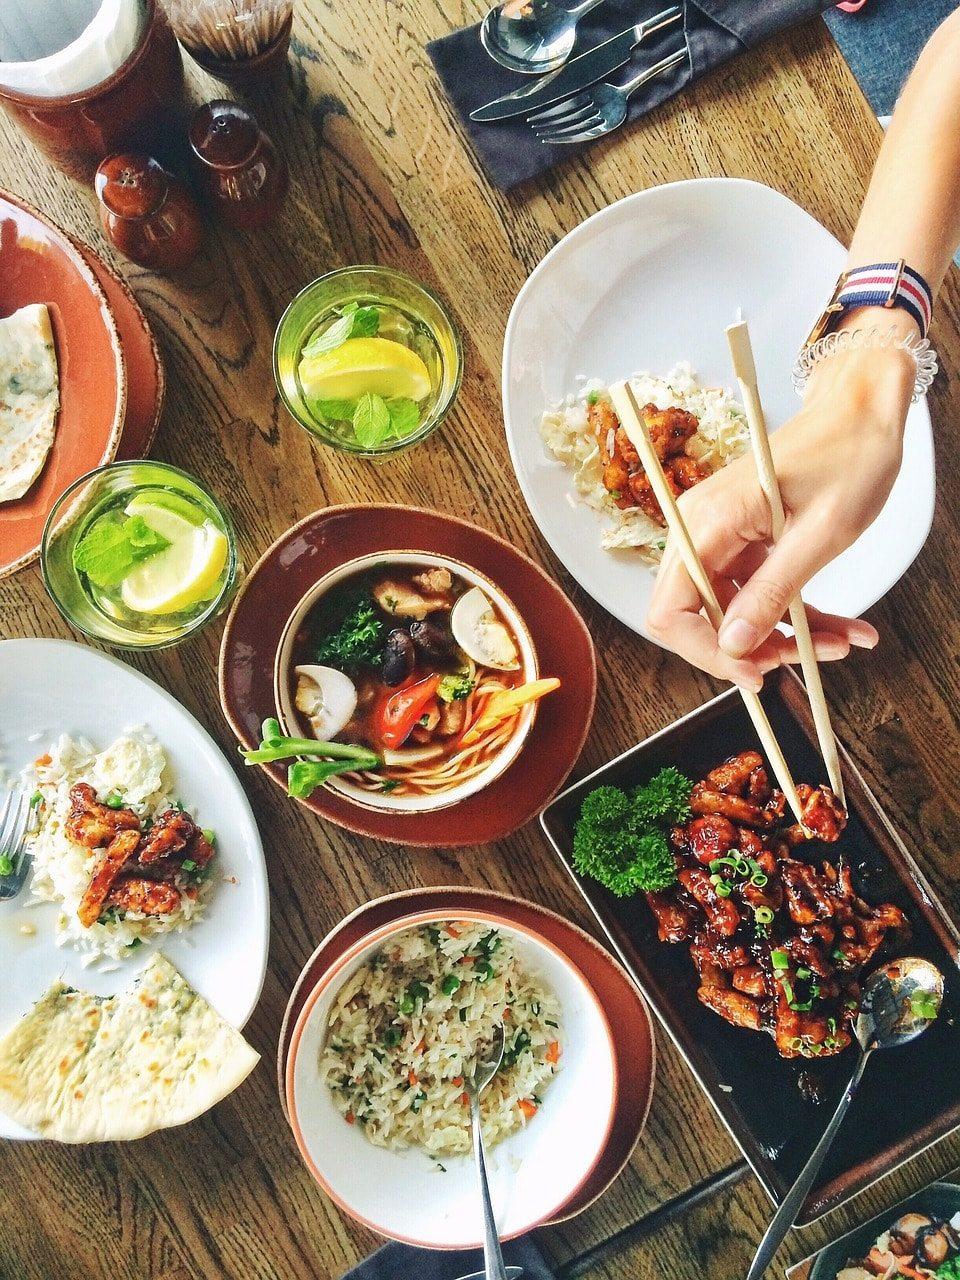 Kluby kolacyjne powoli odnajdują się wPolsce.